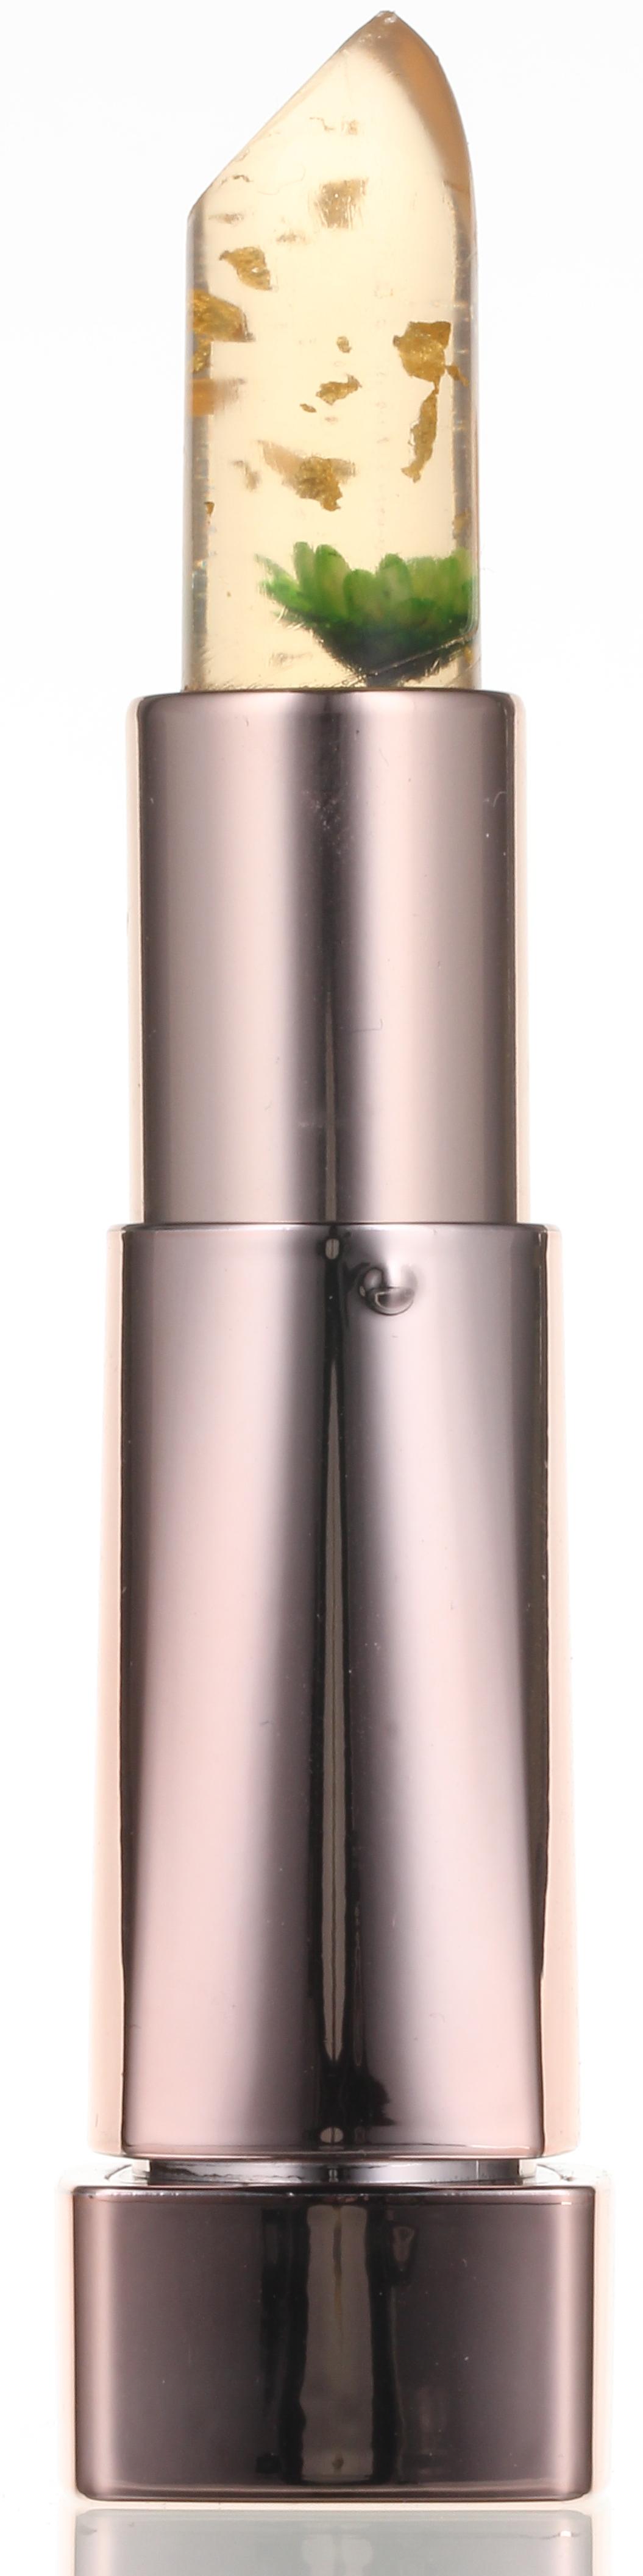 KIMS Помада-бальзам для губ / Flower Lip Glow Crystal Green 3,3 г - Бальзамы для губ